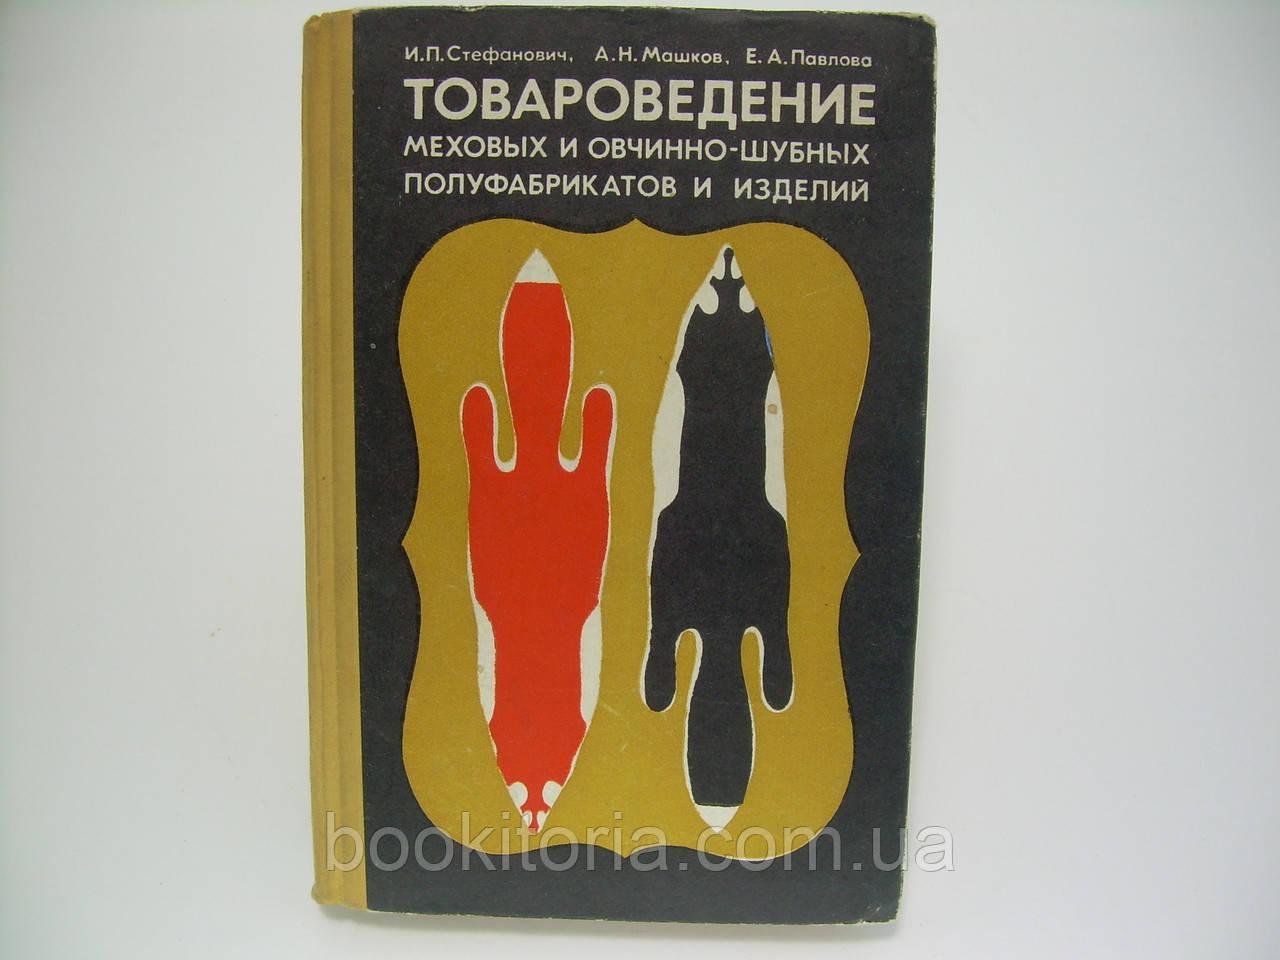 Стефанович И.П. и др.Товароведение меховых и овчинно-шубных полуфабрикатов и изделий (б/у).